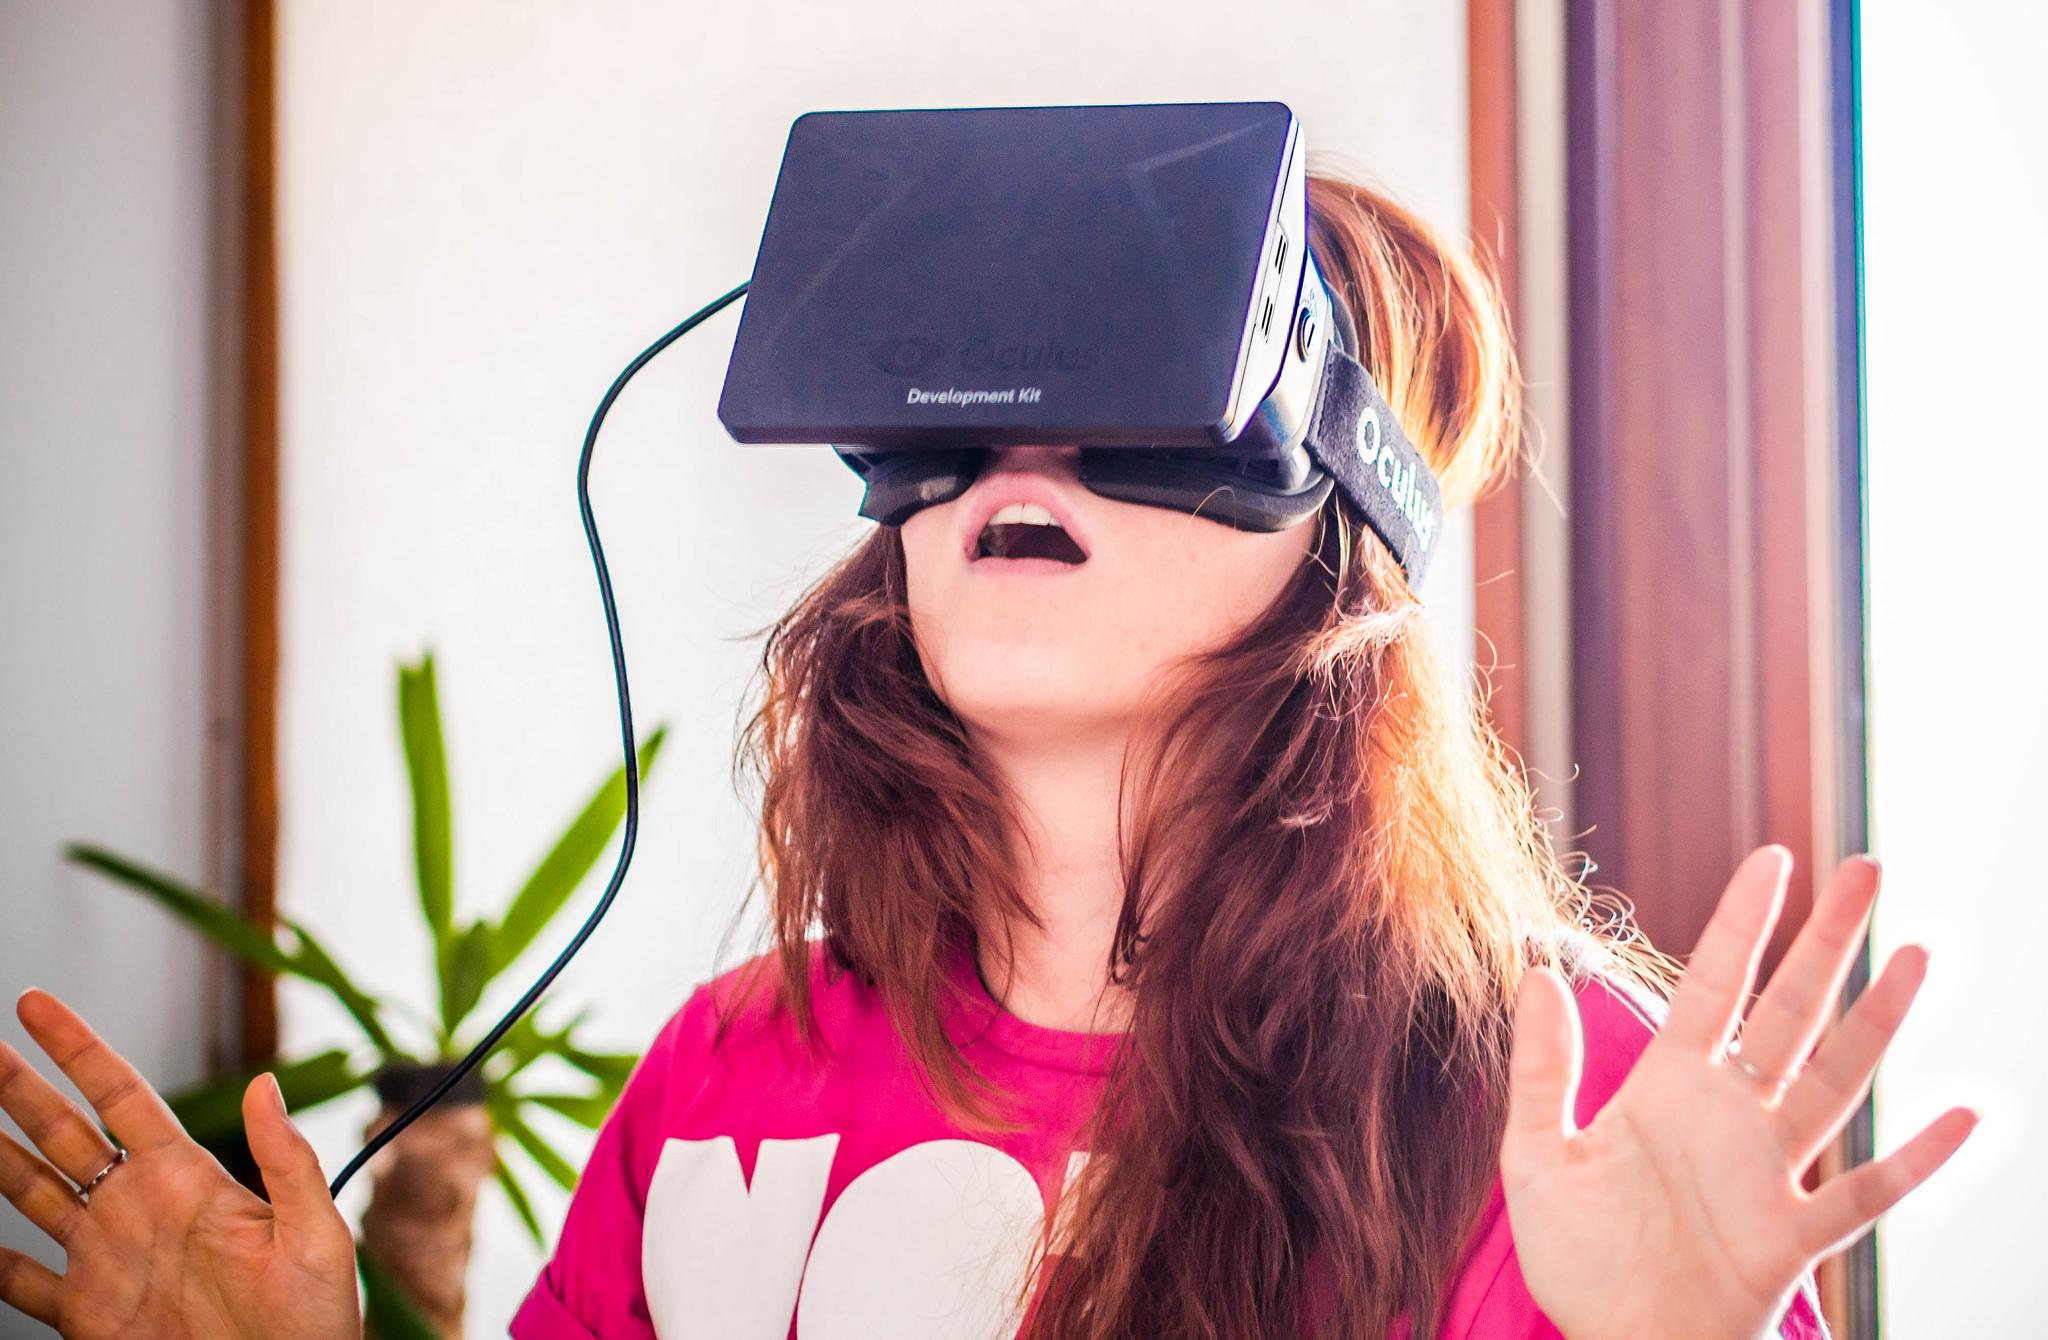 oculus vr réalité virtuelle